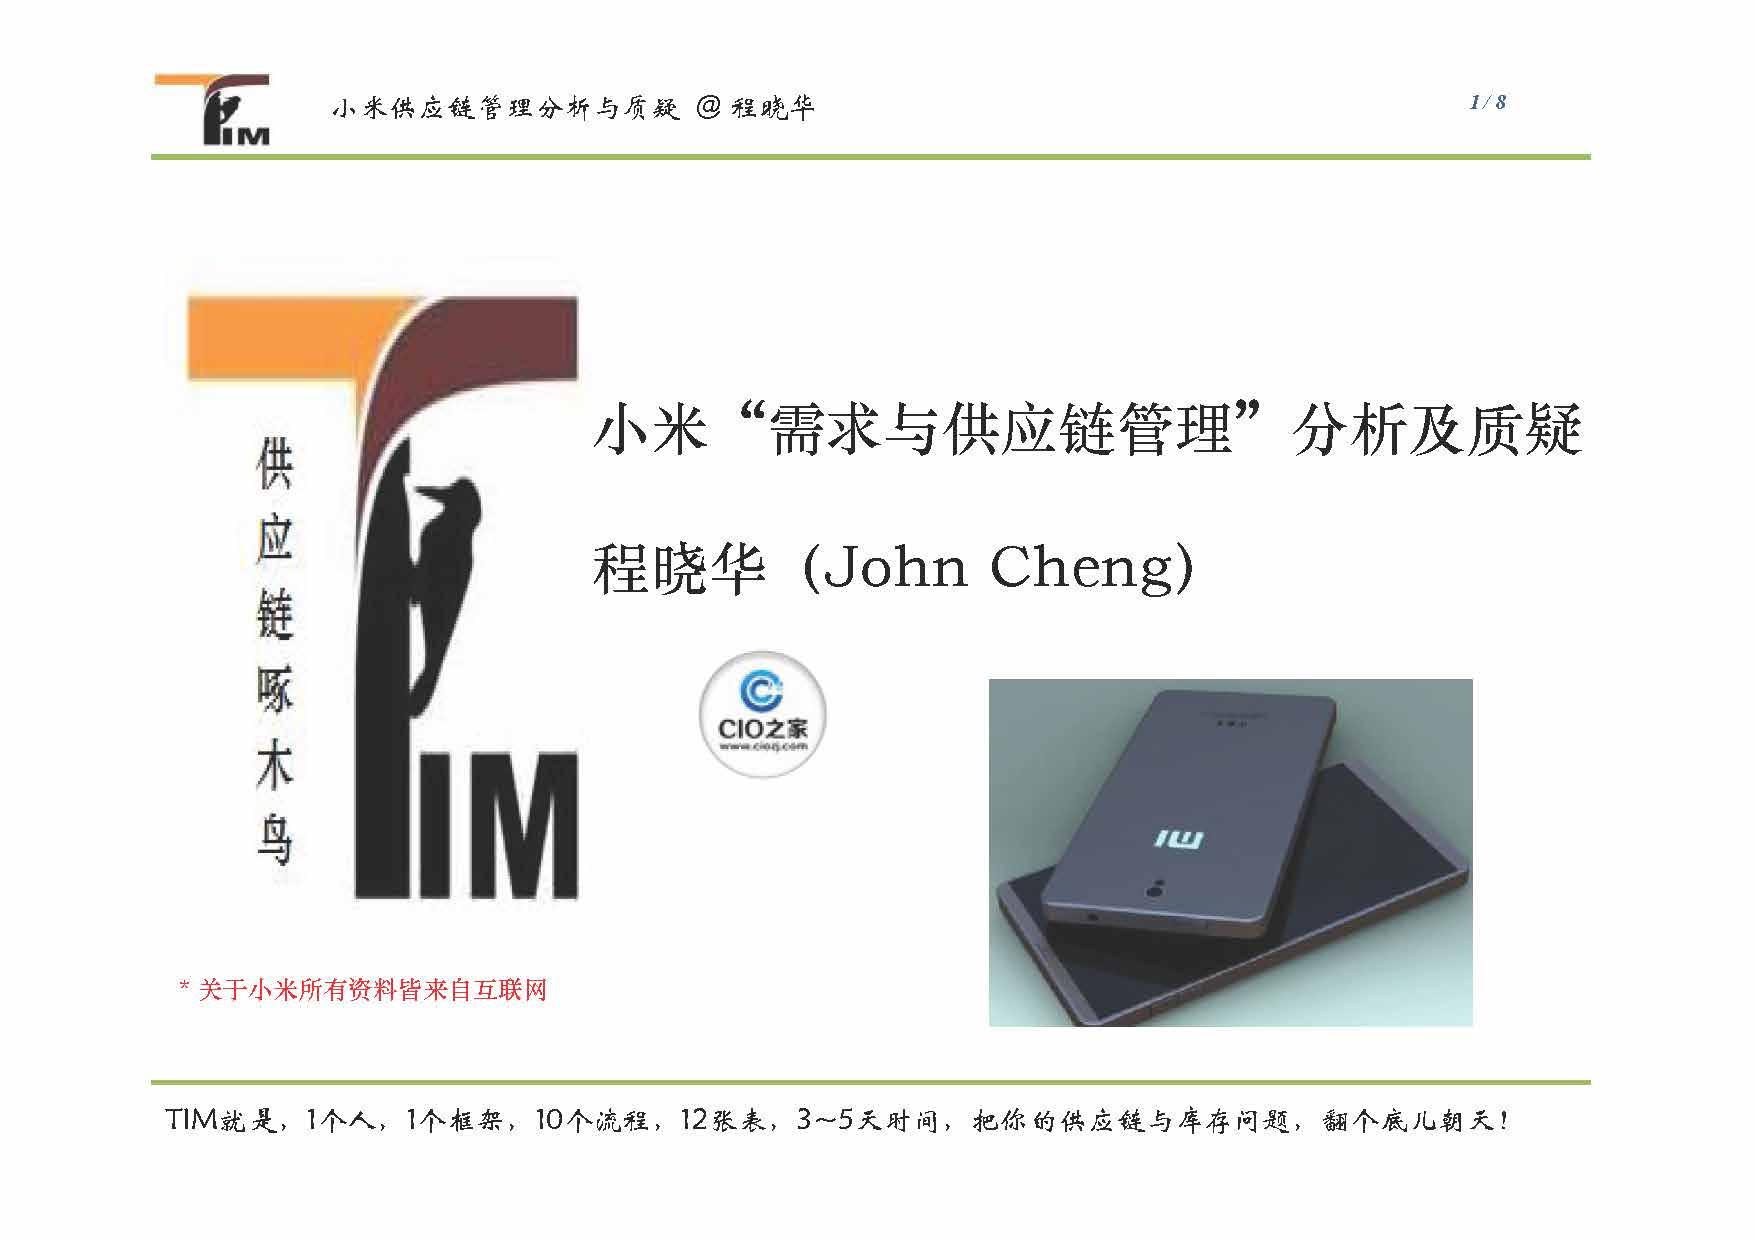 程晓华-小米供应链管理分析与质疑